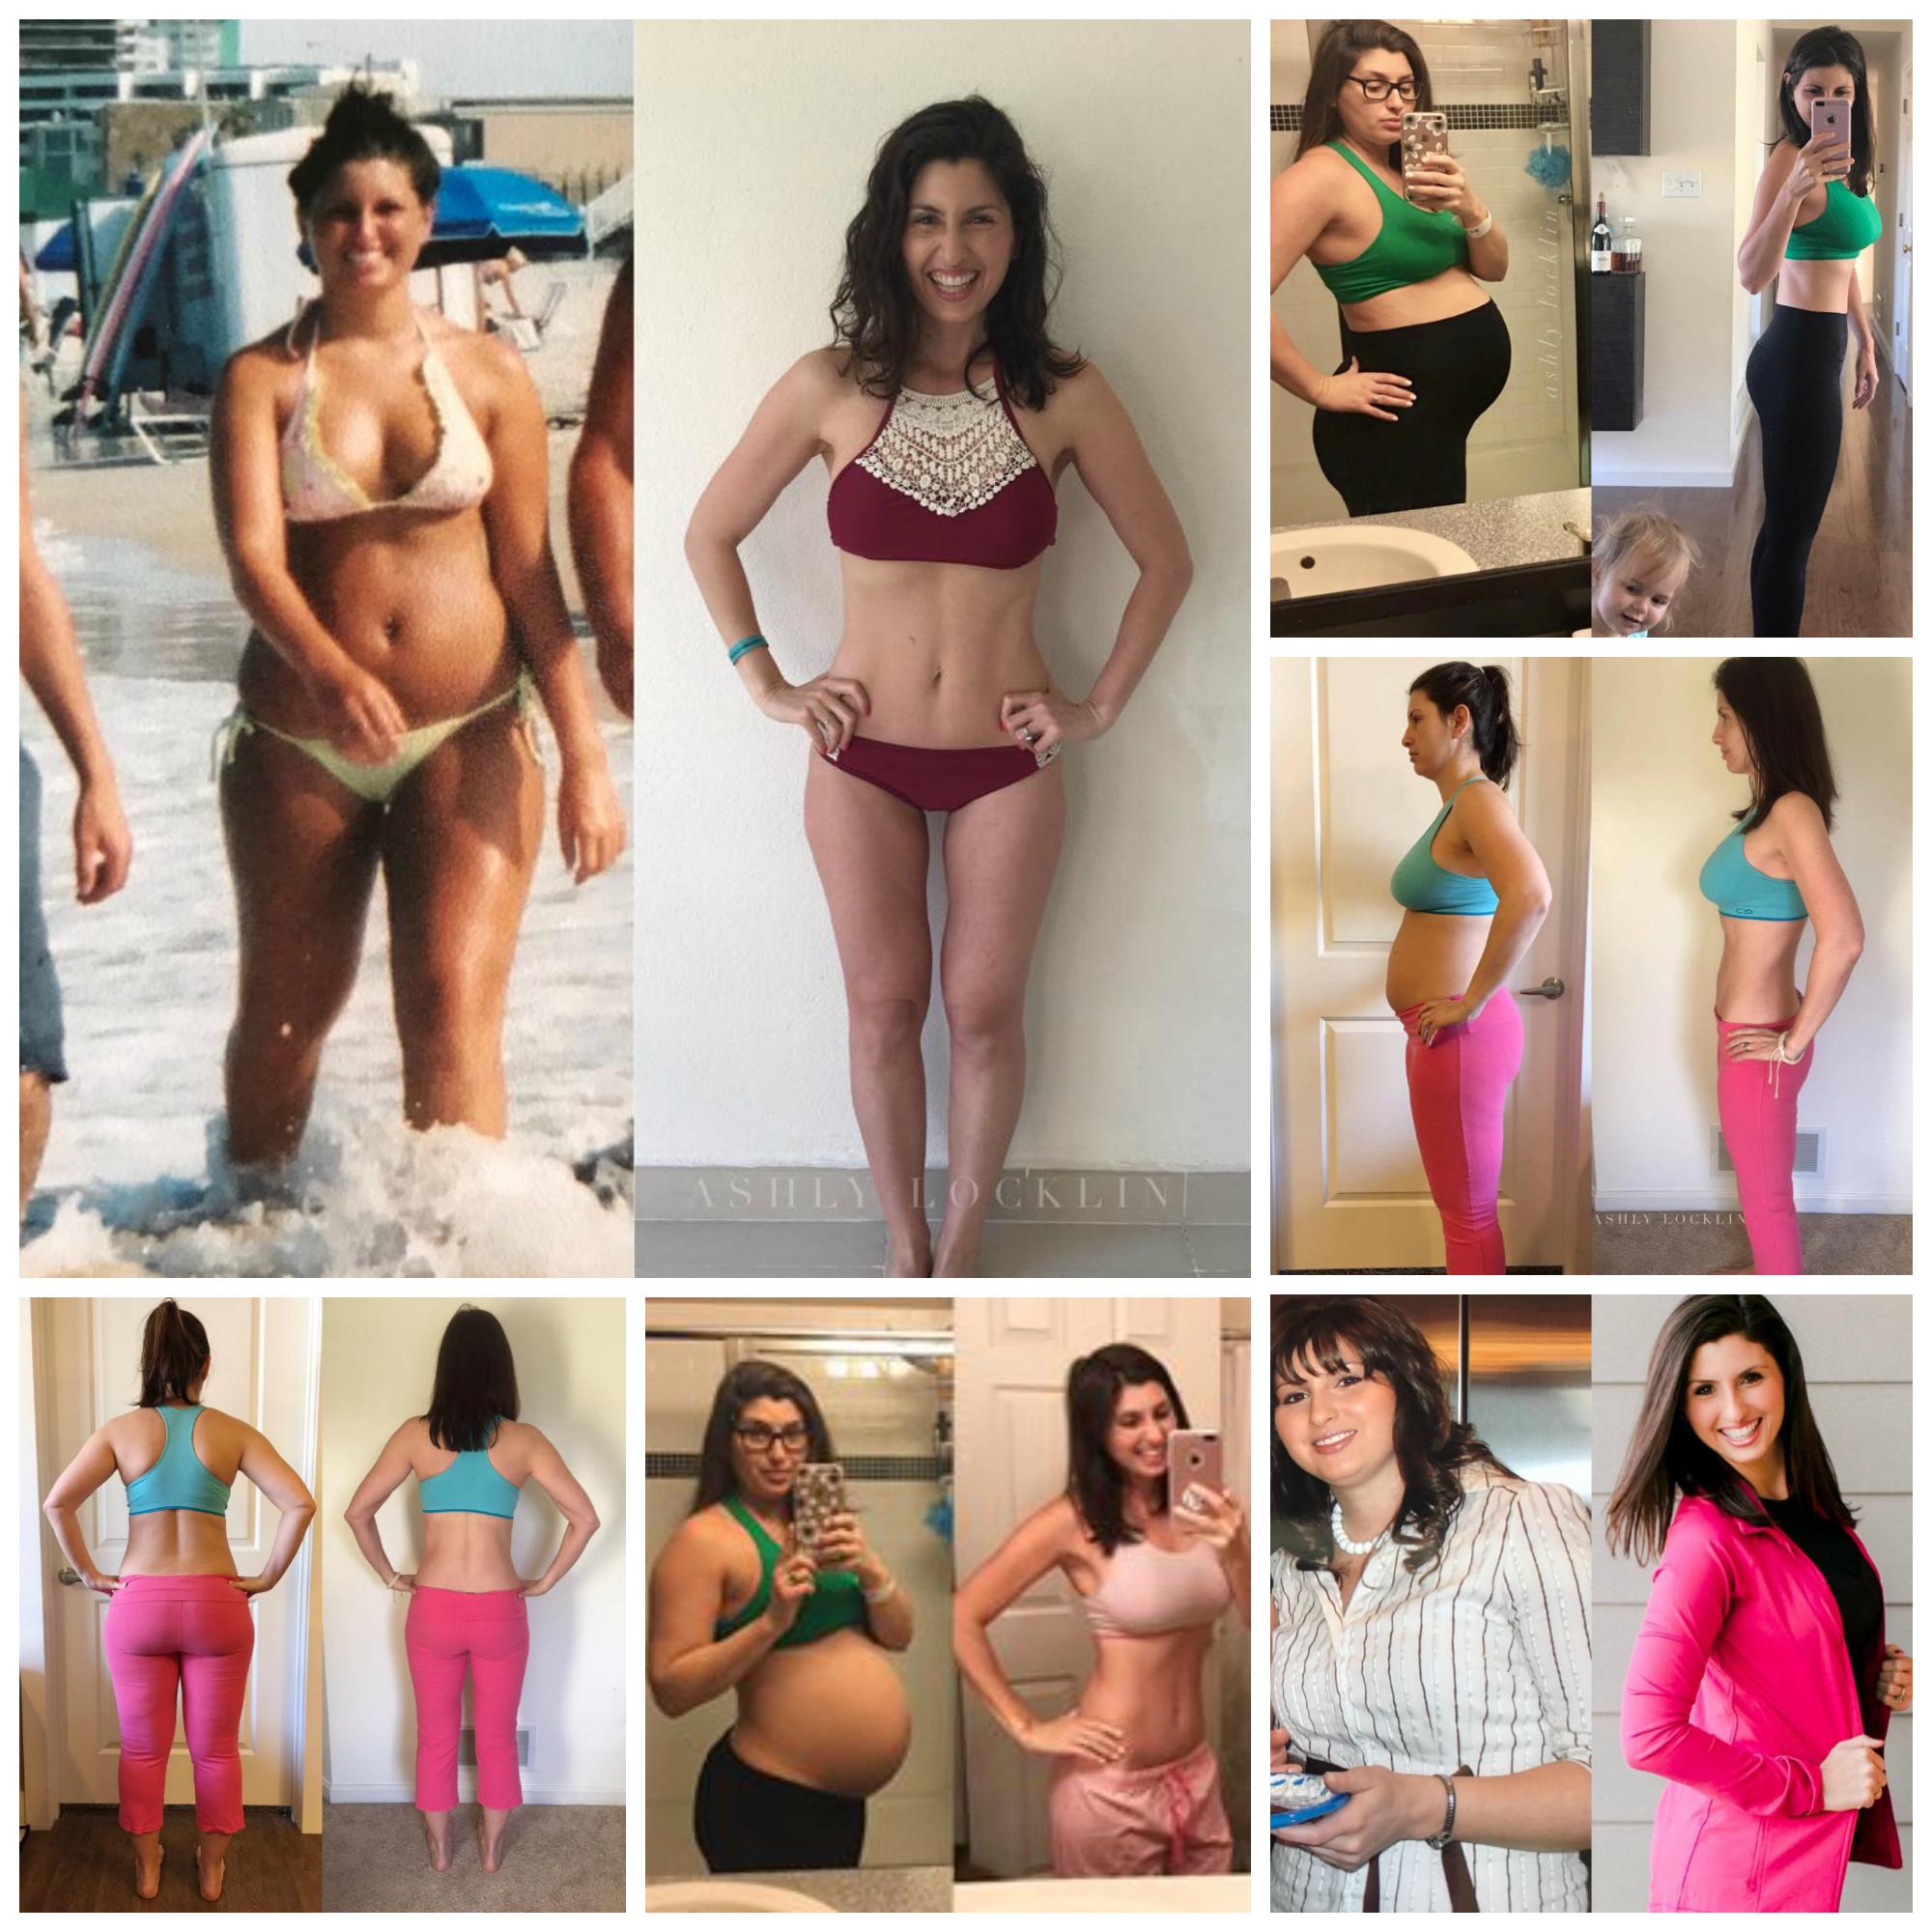 Ashly_Locklin_Transformation_Photos